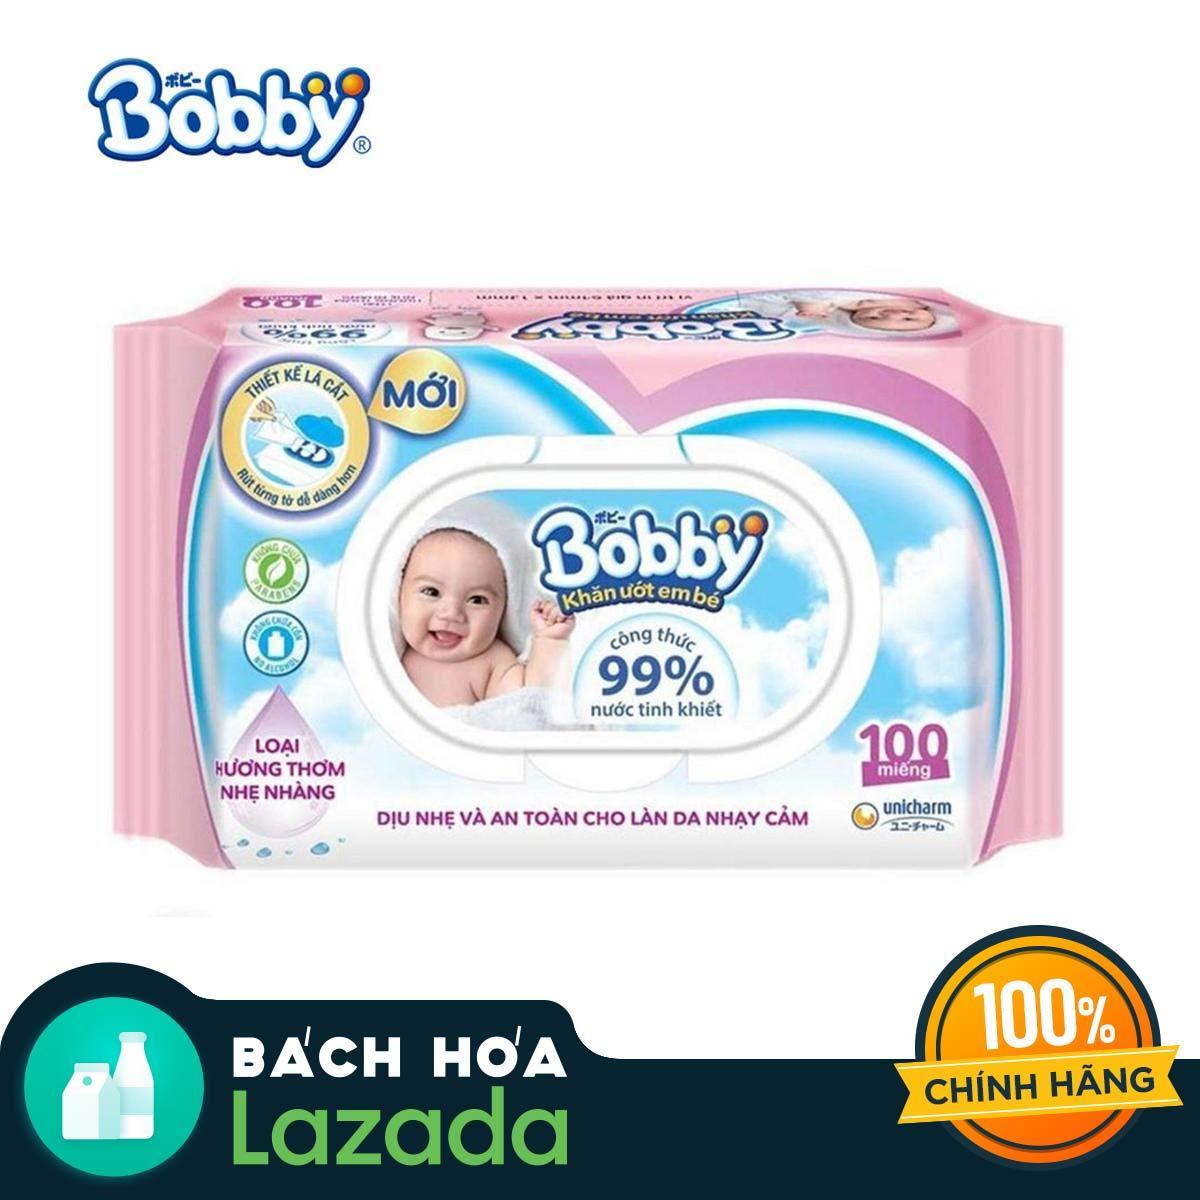 Khăn ướt trẻ em Bobby Care hương dịu nhẹ gói...